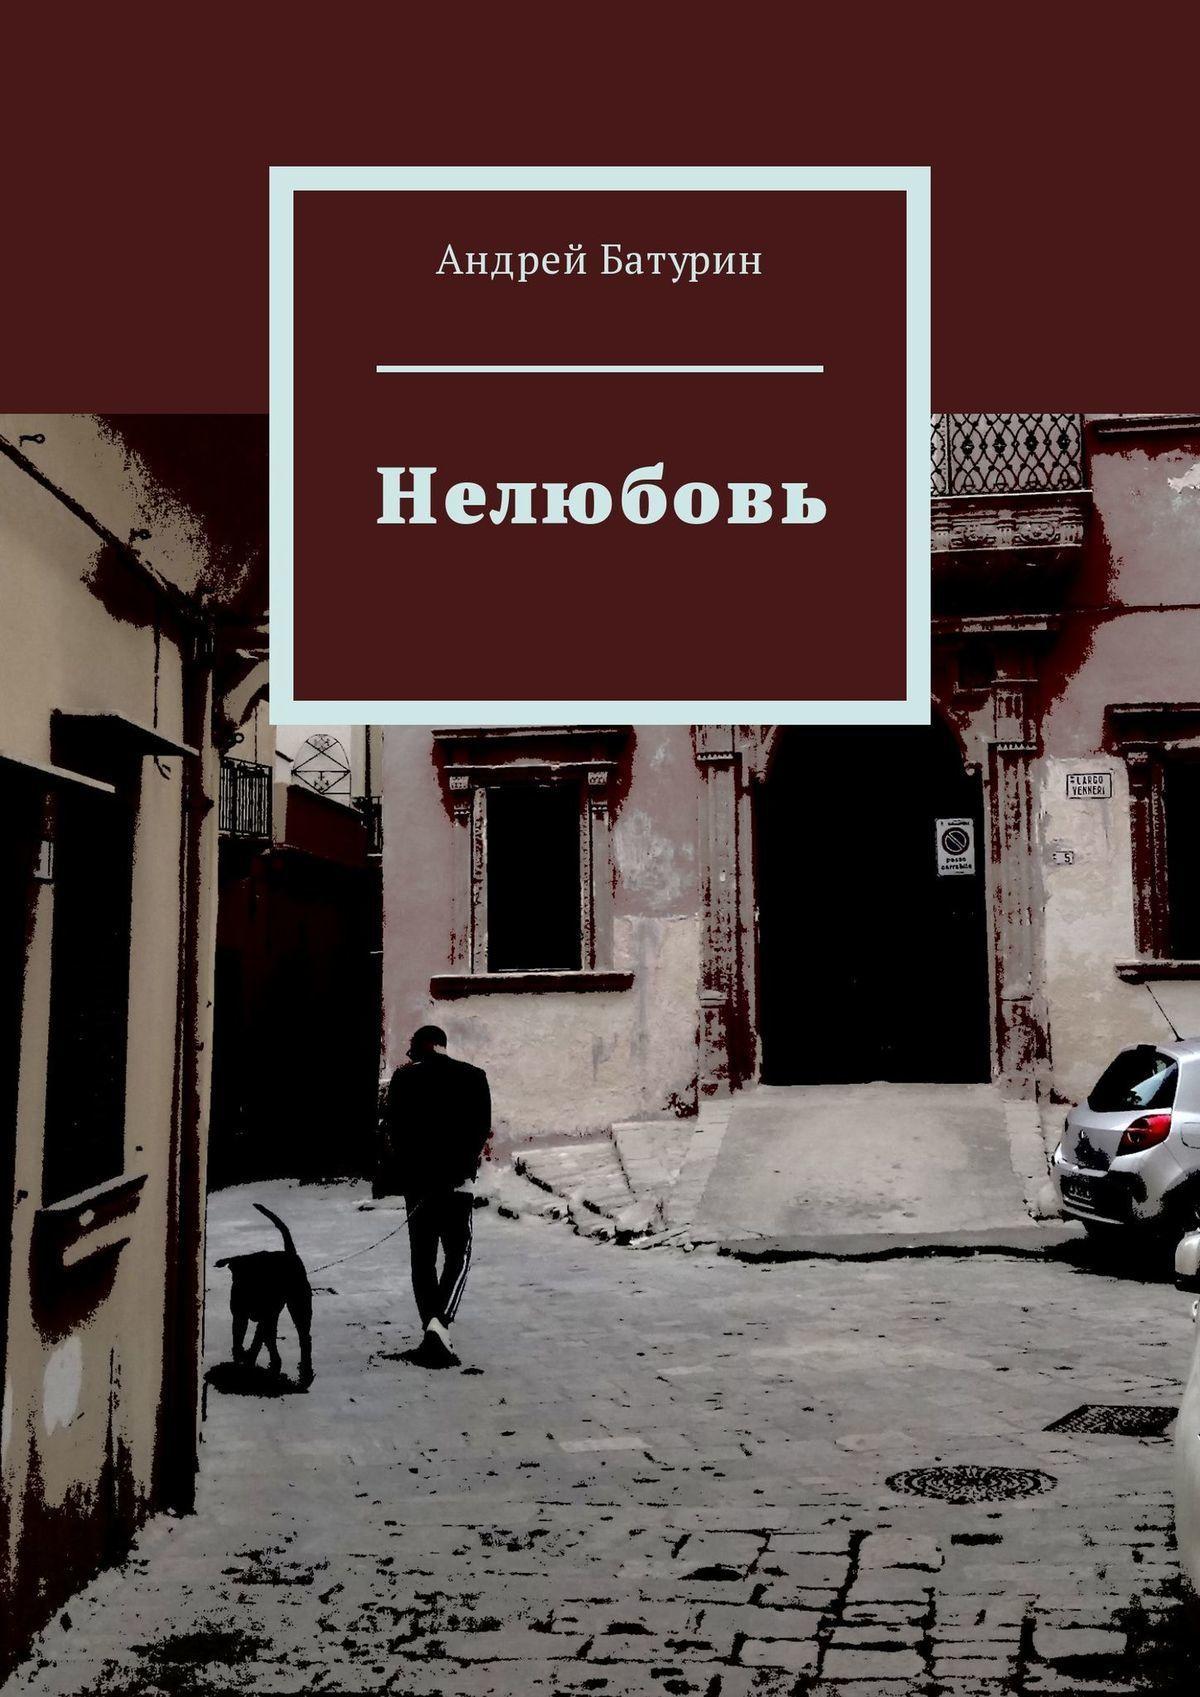 Обложка книги Нелюбовь, автор Андрей Батурин